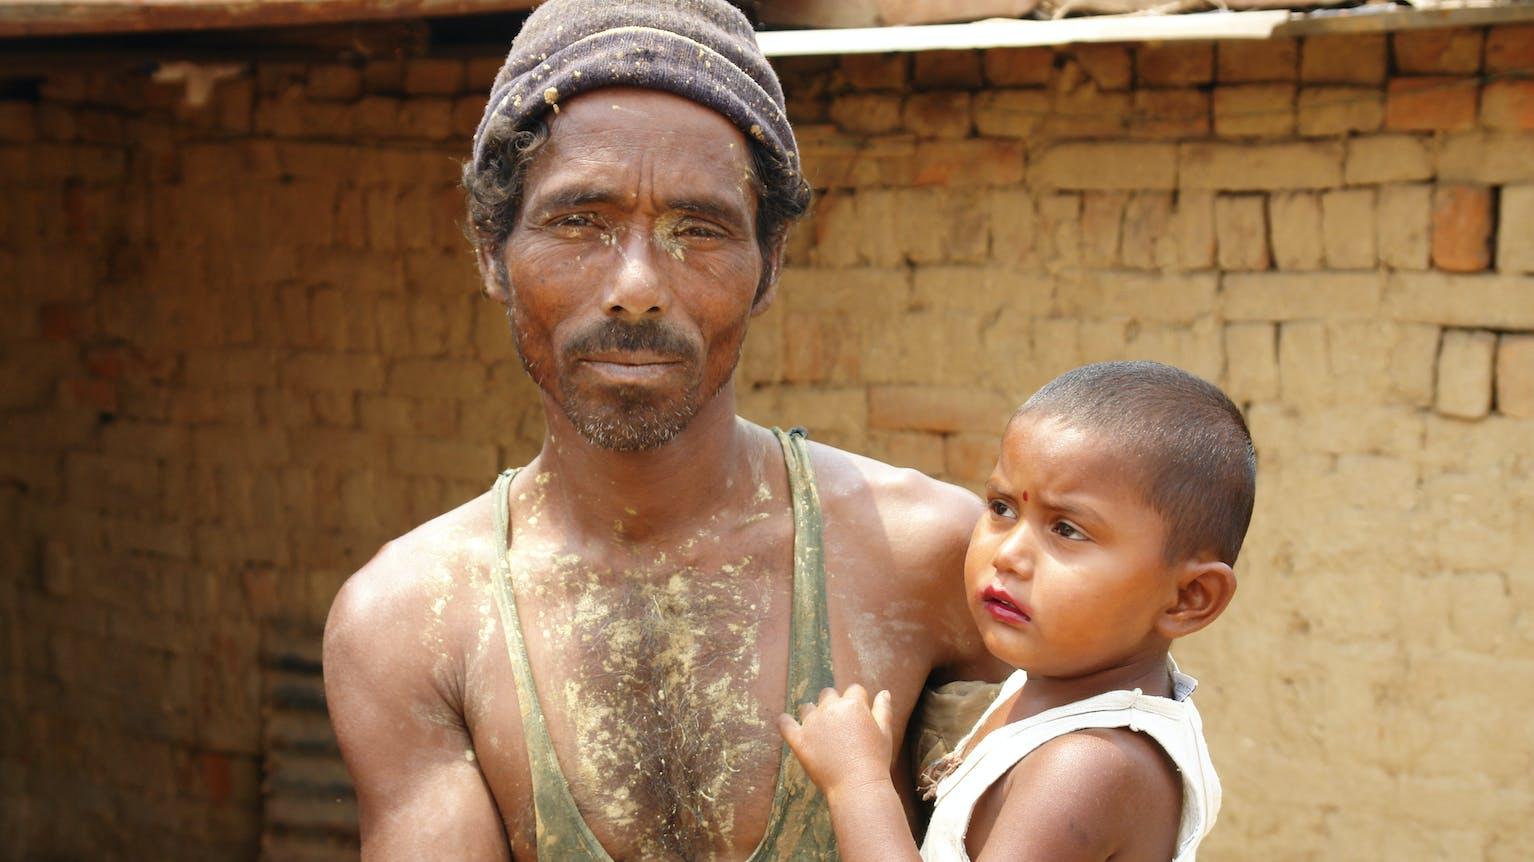 Un père et son fils dans un des des secteurs clés du travail forcé.